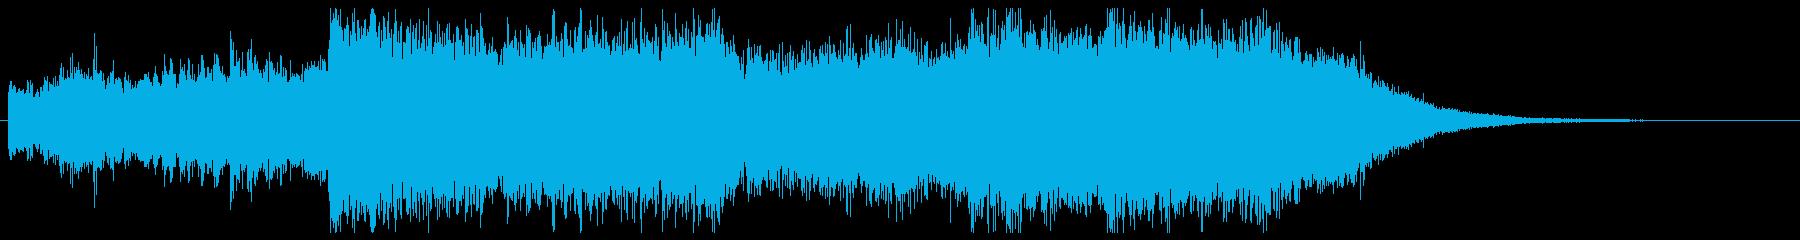 30秒CMに和風で疾走感あるオーケストラの再生済みの波形